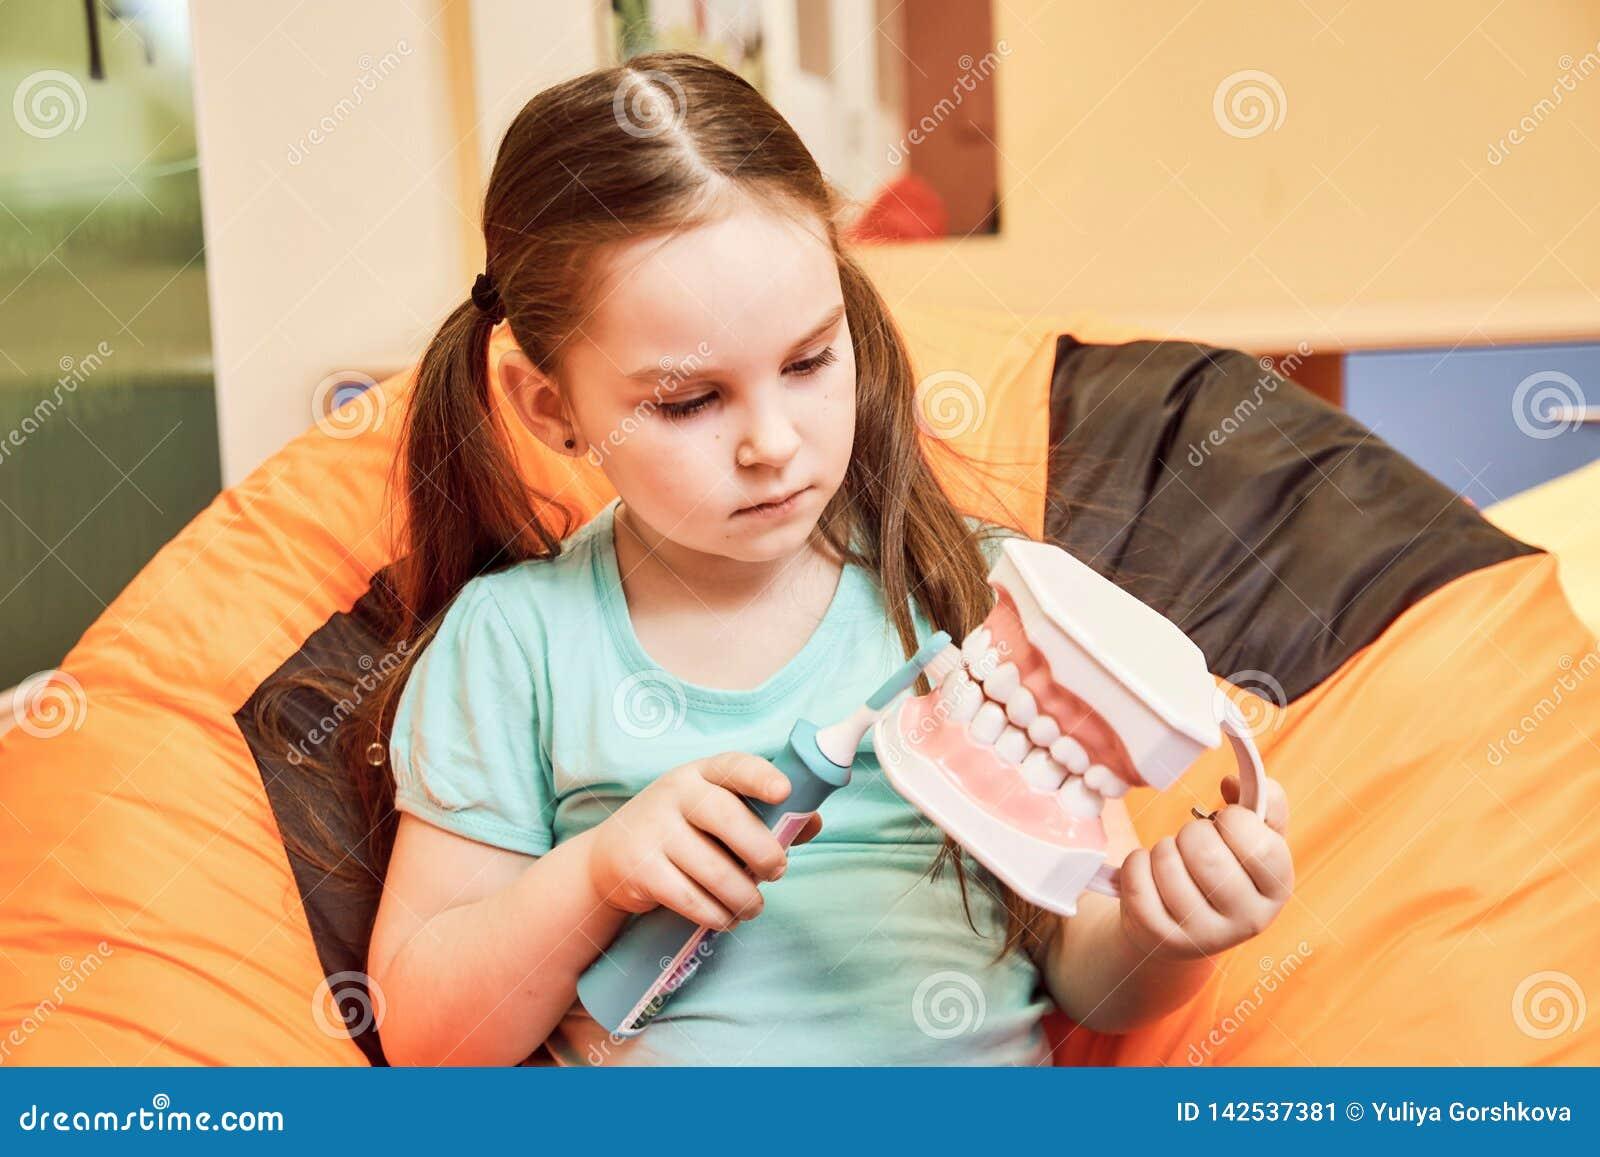 Een klein meisje in een tandkliniek die een tandmodel houden